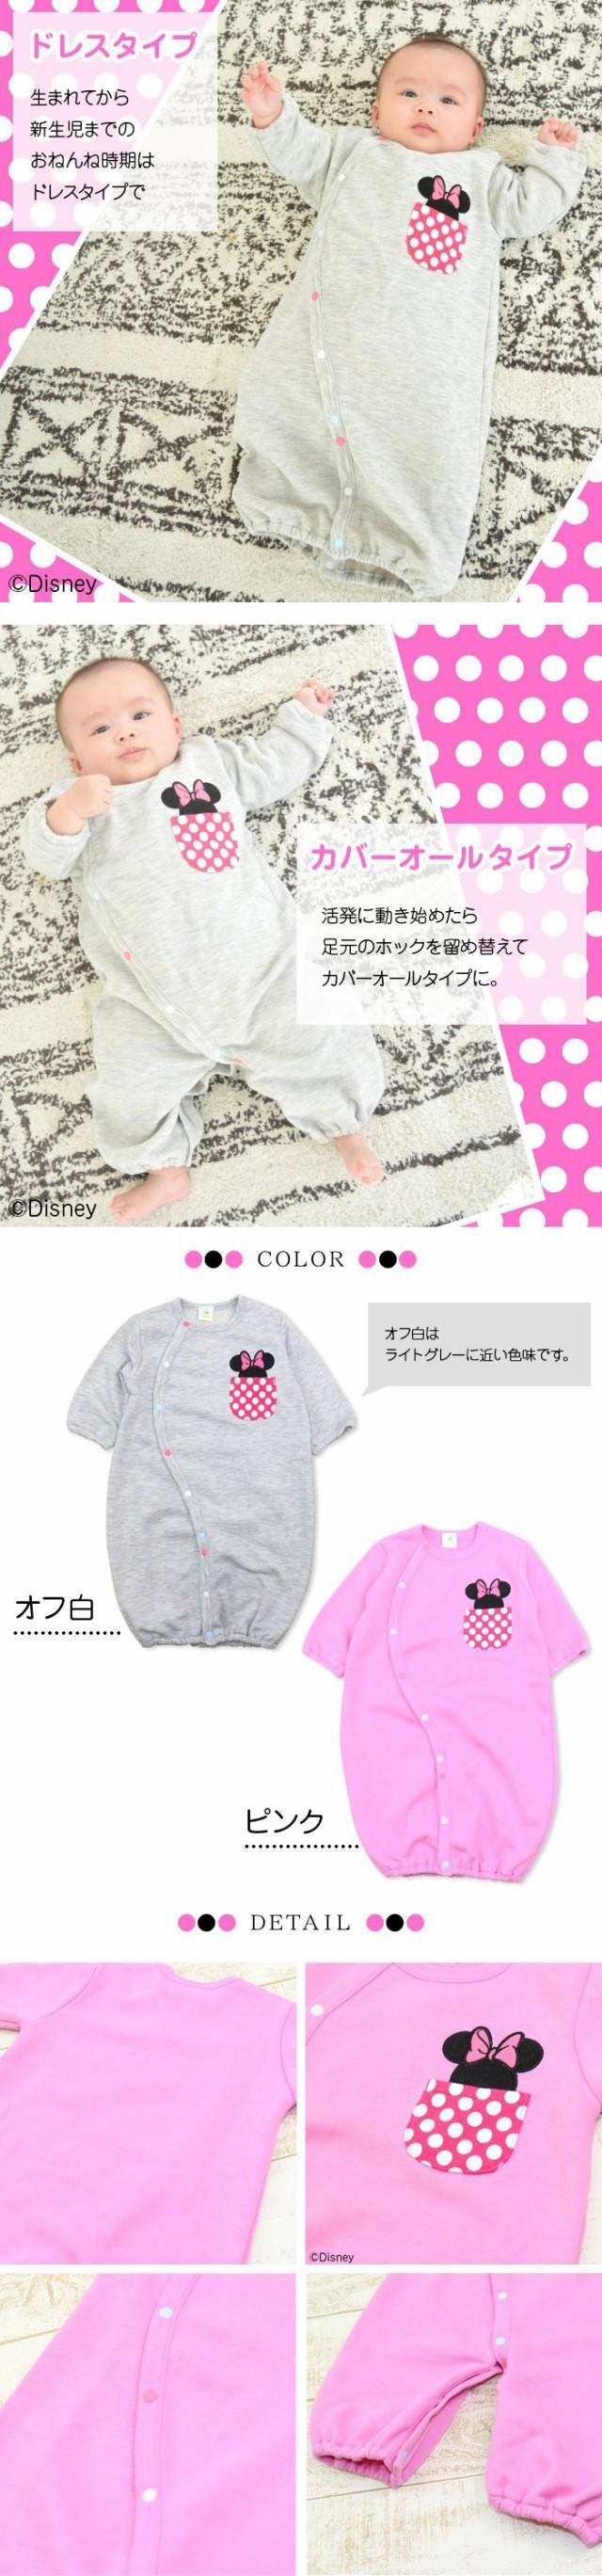 df577f4c446b7 ミニーマウス DISNEY ベビー服 新生児 子供服 長袖 ツーウェイオール ...